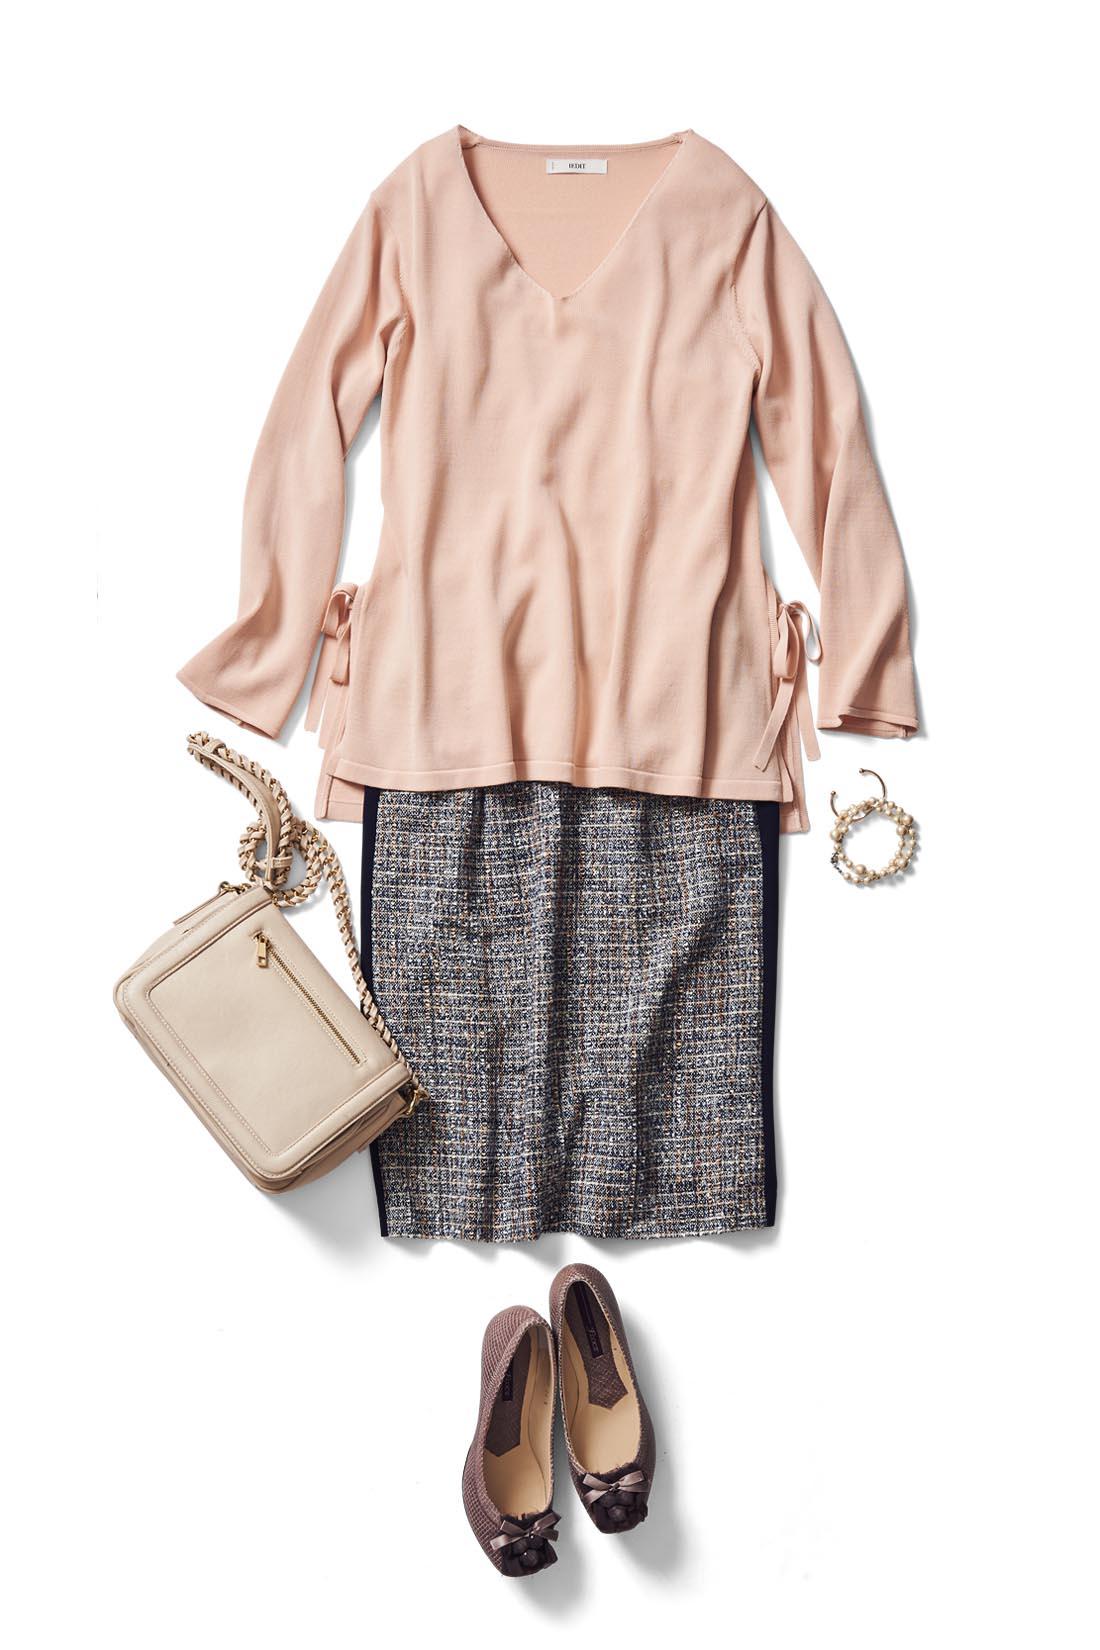 ツイードスカートを合わせて、上品&フェミニンな着こなしに。